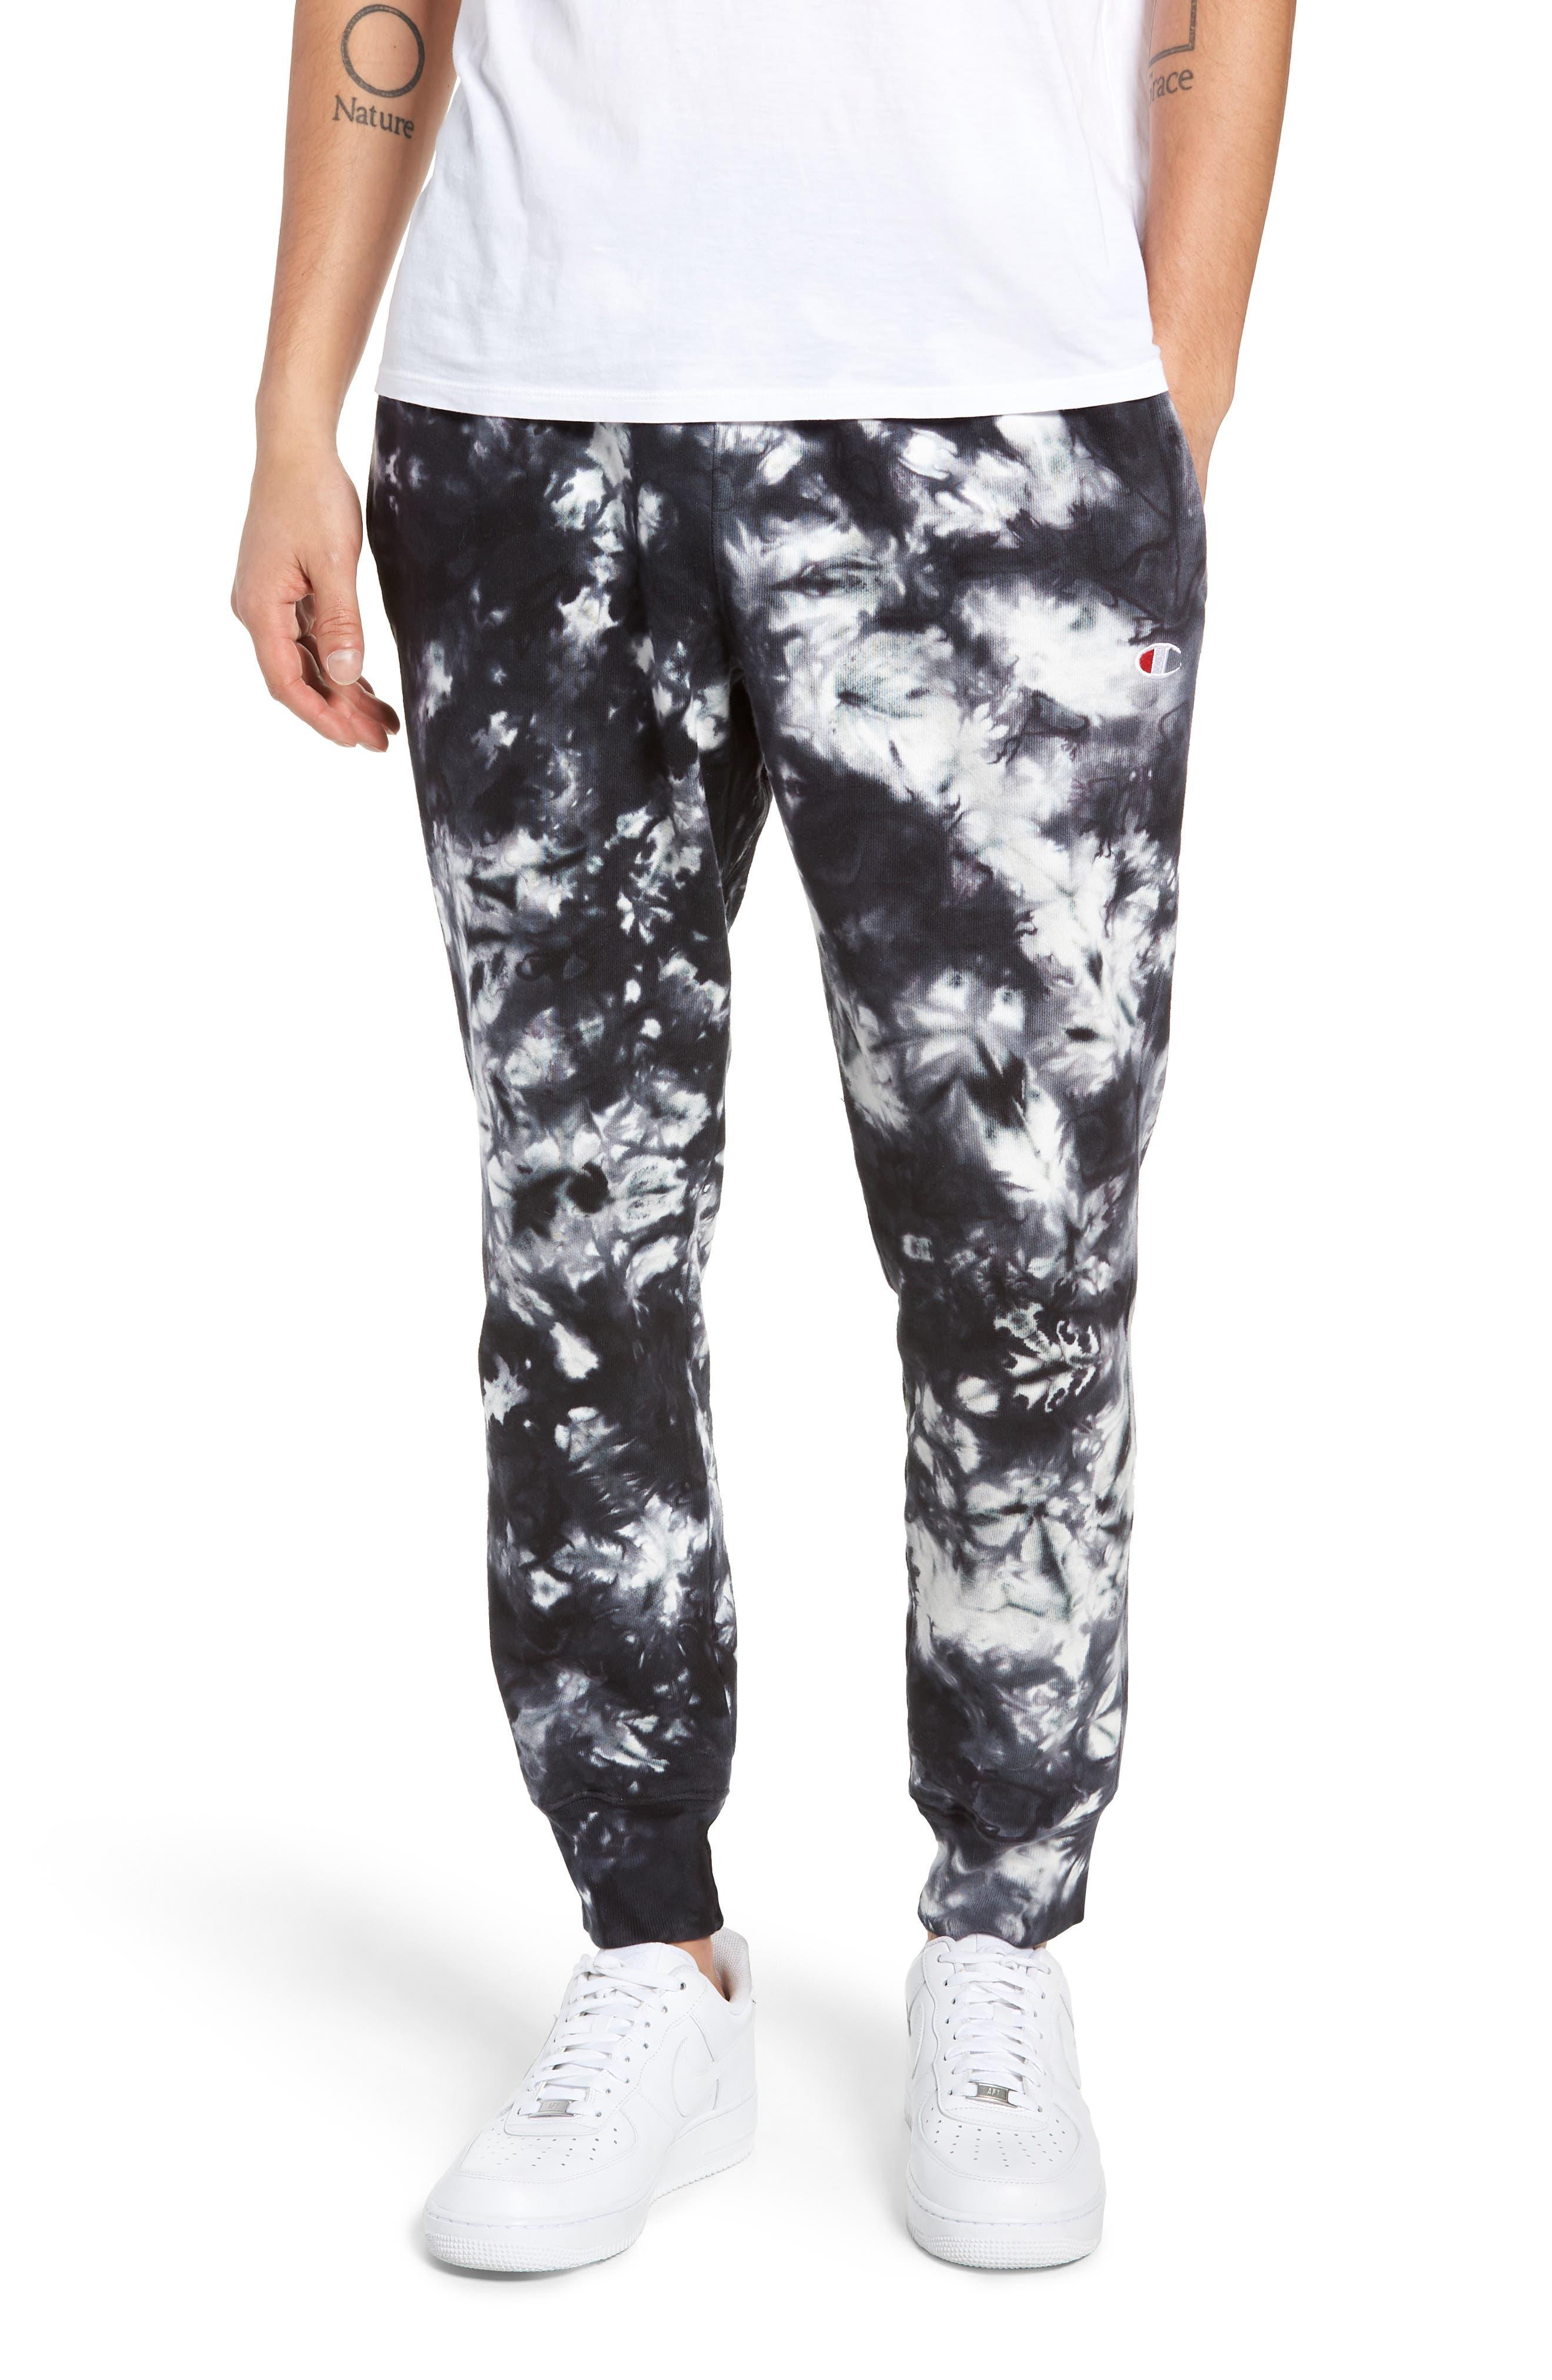 CHAMPION, Scrunch Dye Reverse Sweatpants, Main thumbnail 1, color, BLACK